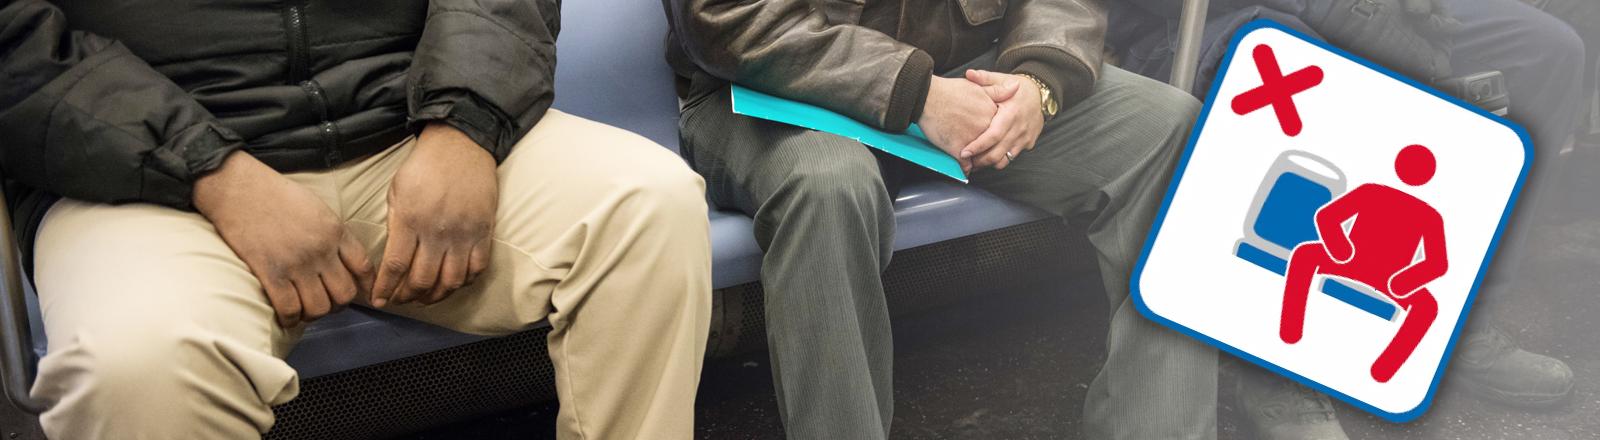 Breitbeinig sitzende Männer in der U-Bahn